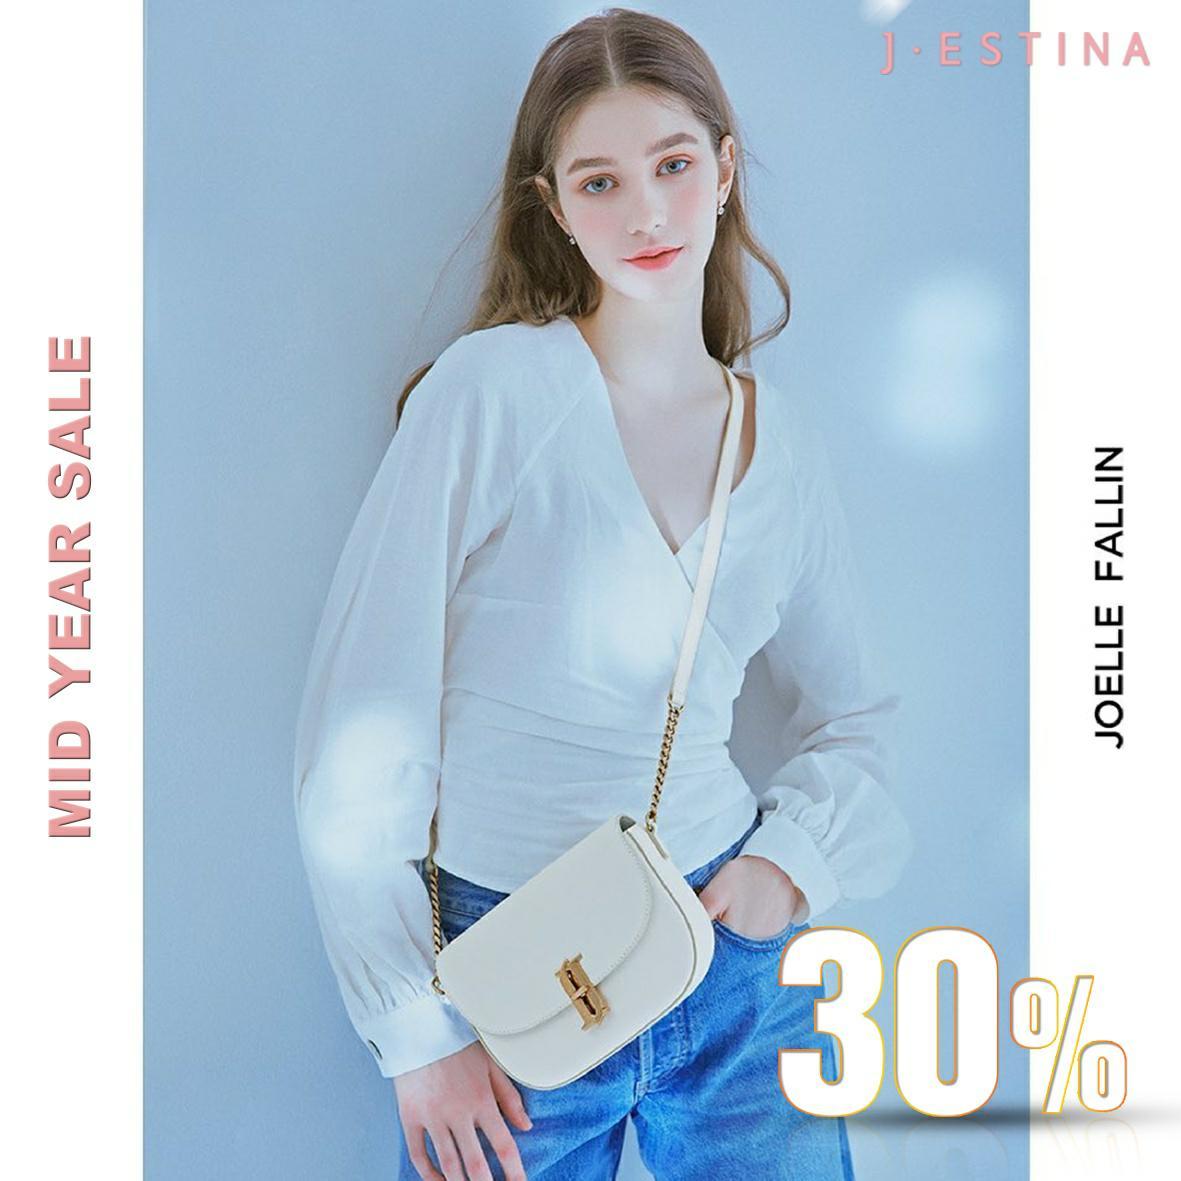 កាបូបនារី J.ESTINA បញ្ចុះតម្លៃ 30%